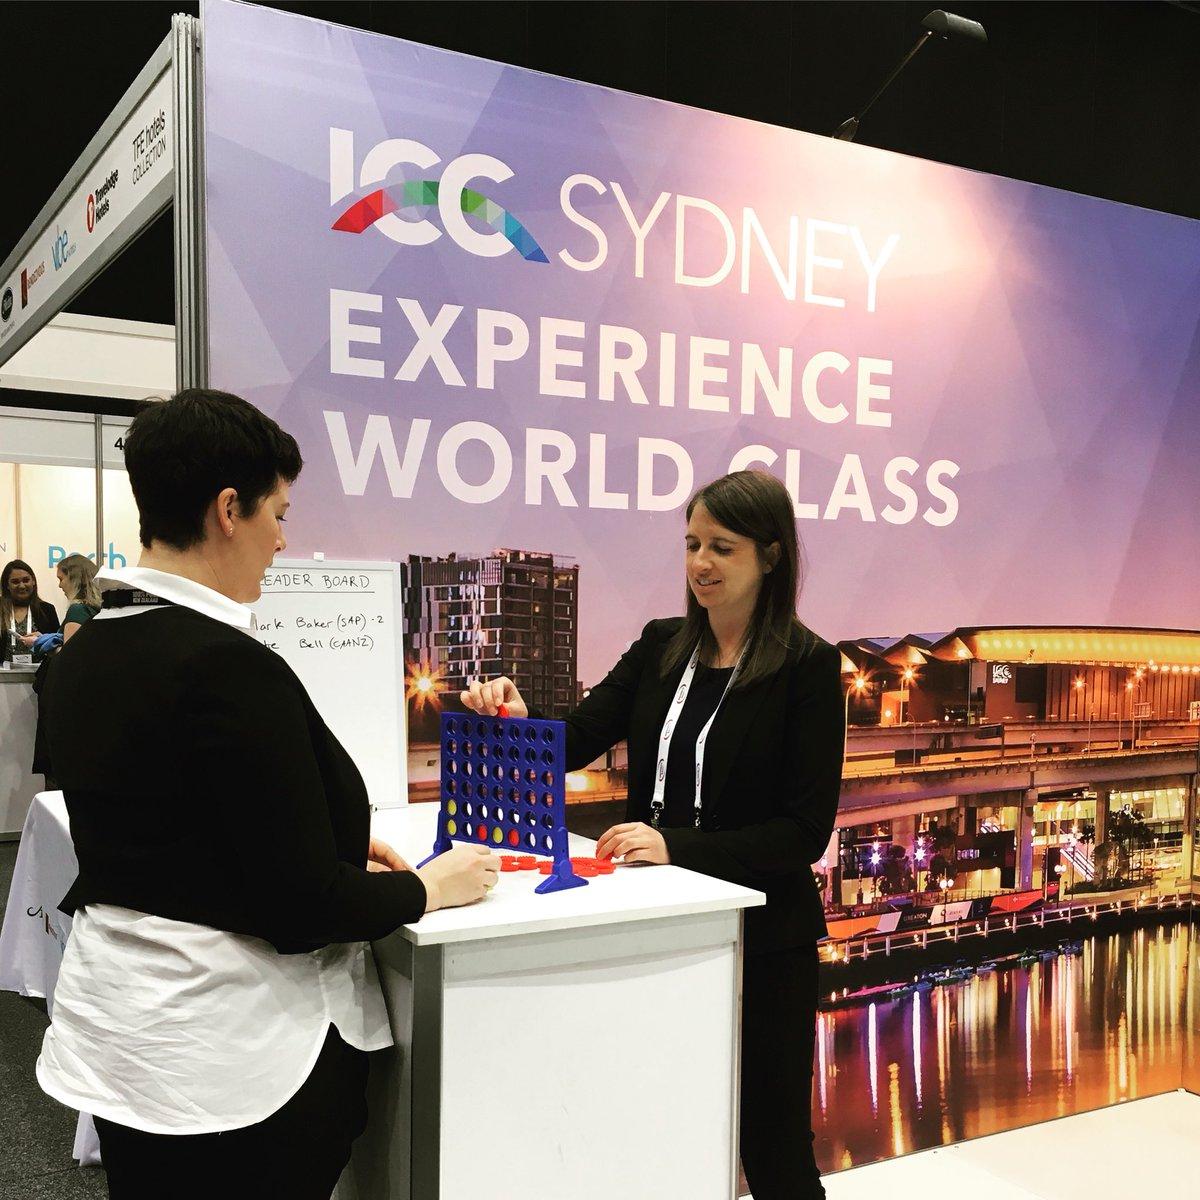 Αποτέλεσμα εικόνας για In less than 2 years, ICC Sydney welcomed two millionth visitor